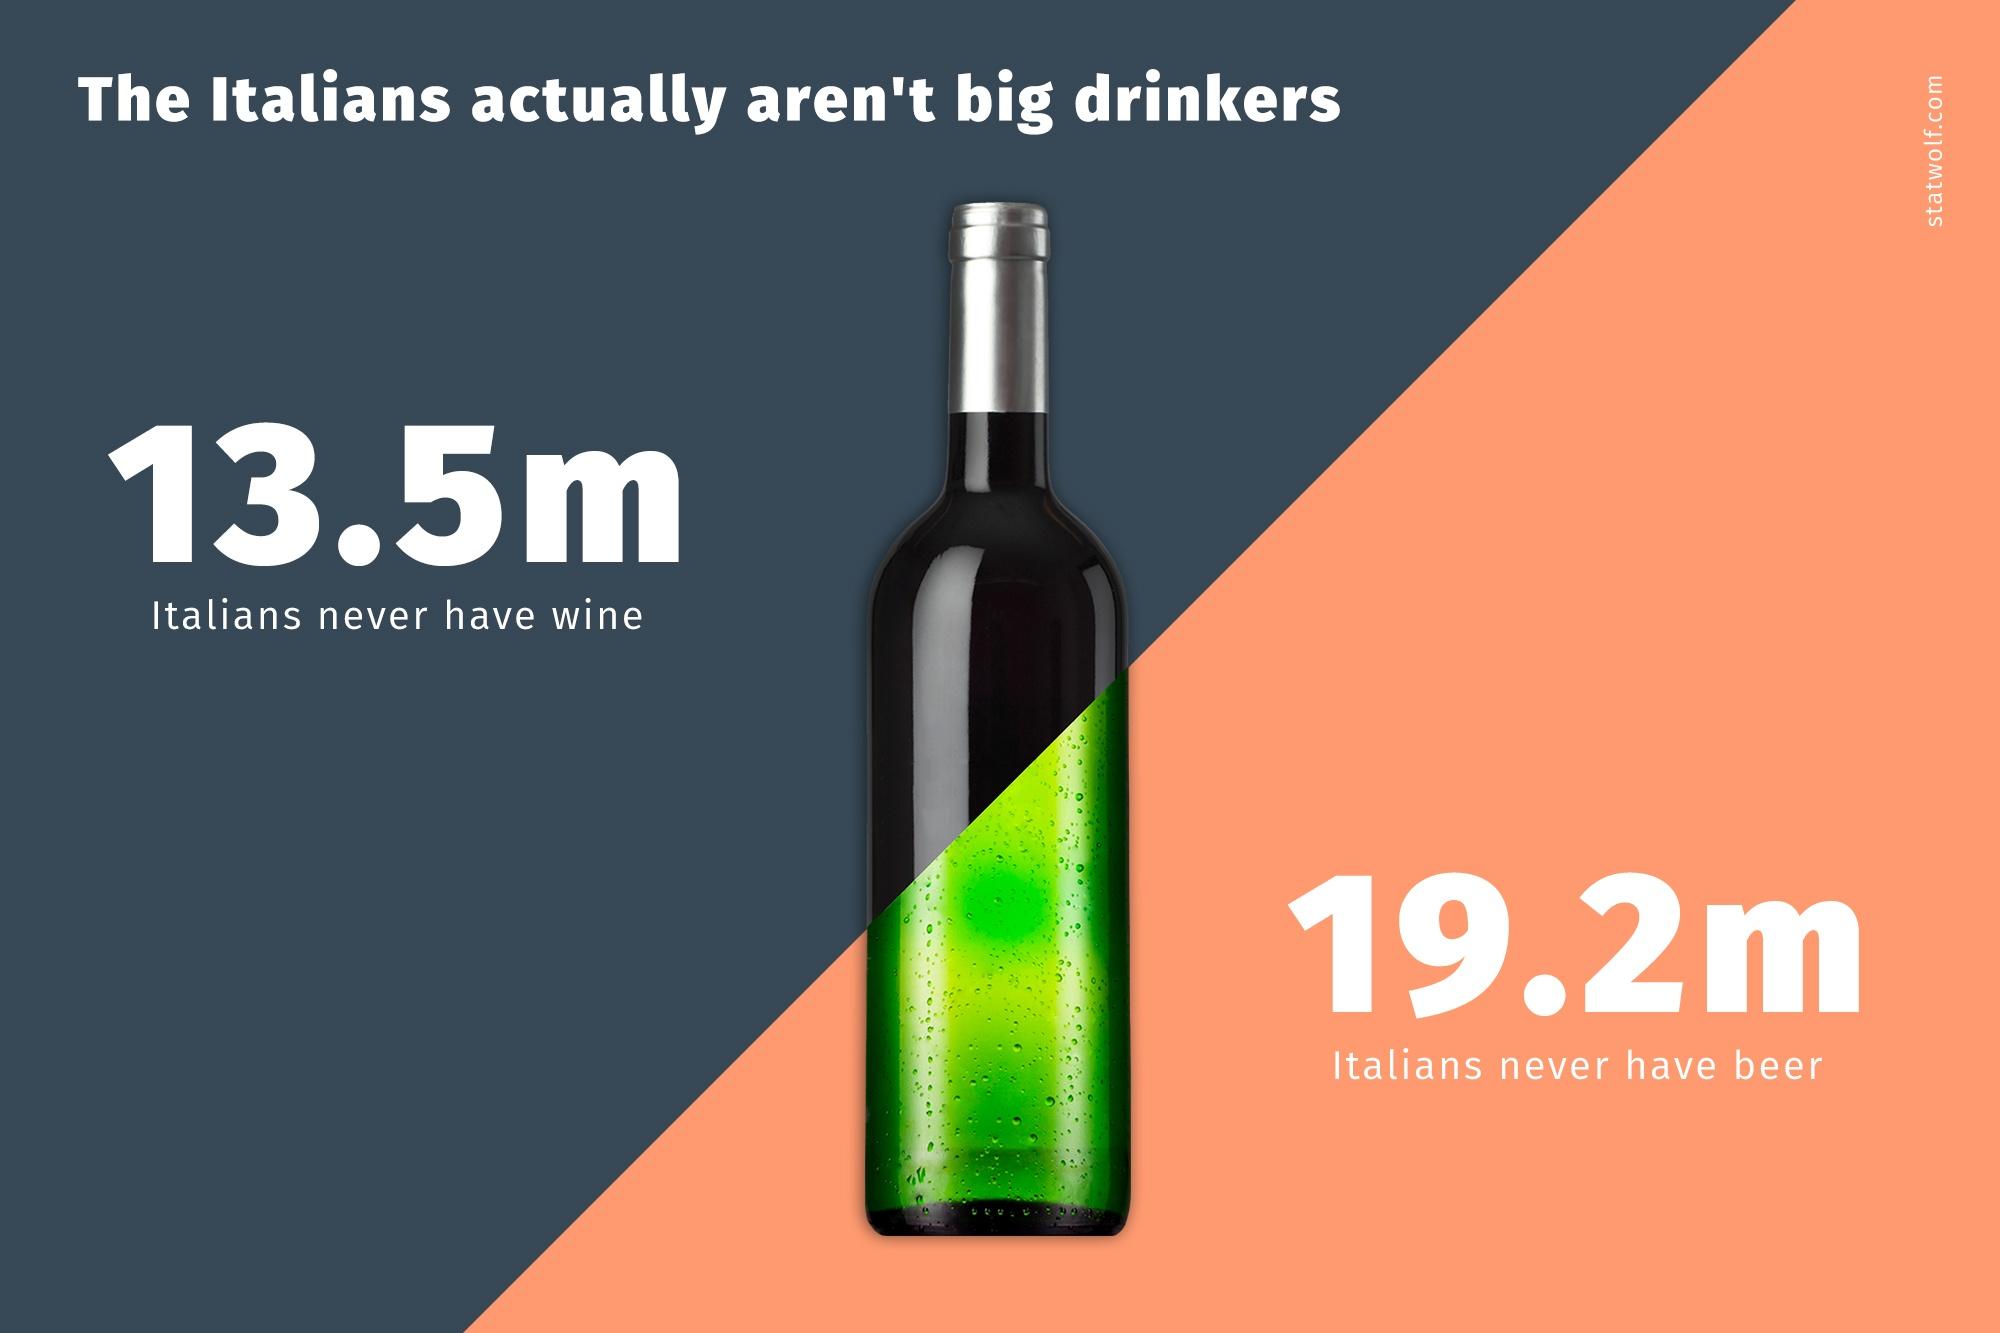 The Italians Actually Aren't Big Drinkers